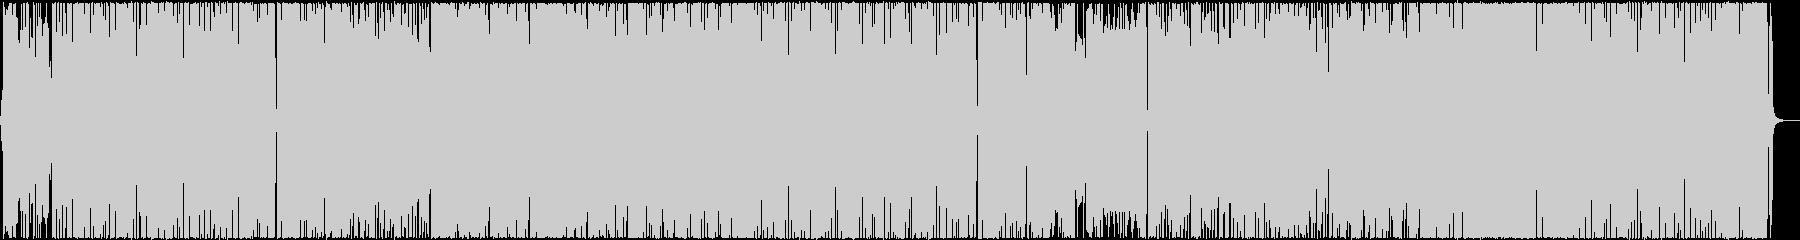 ノリの良いブラスとギターのファンクロックの未再生の波形